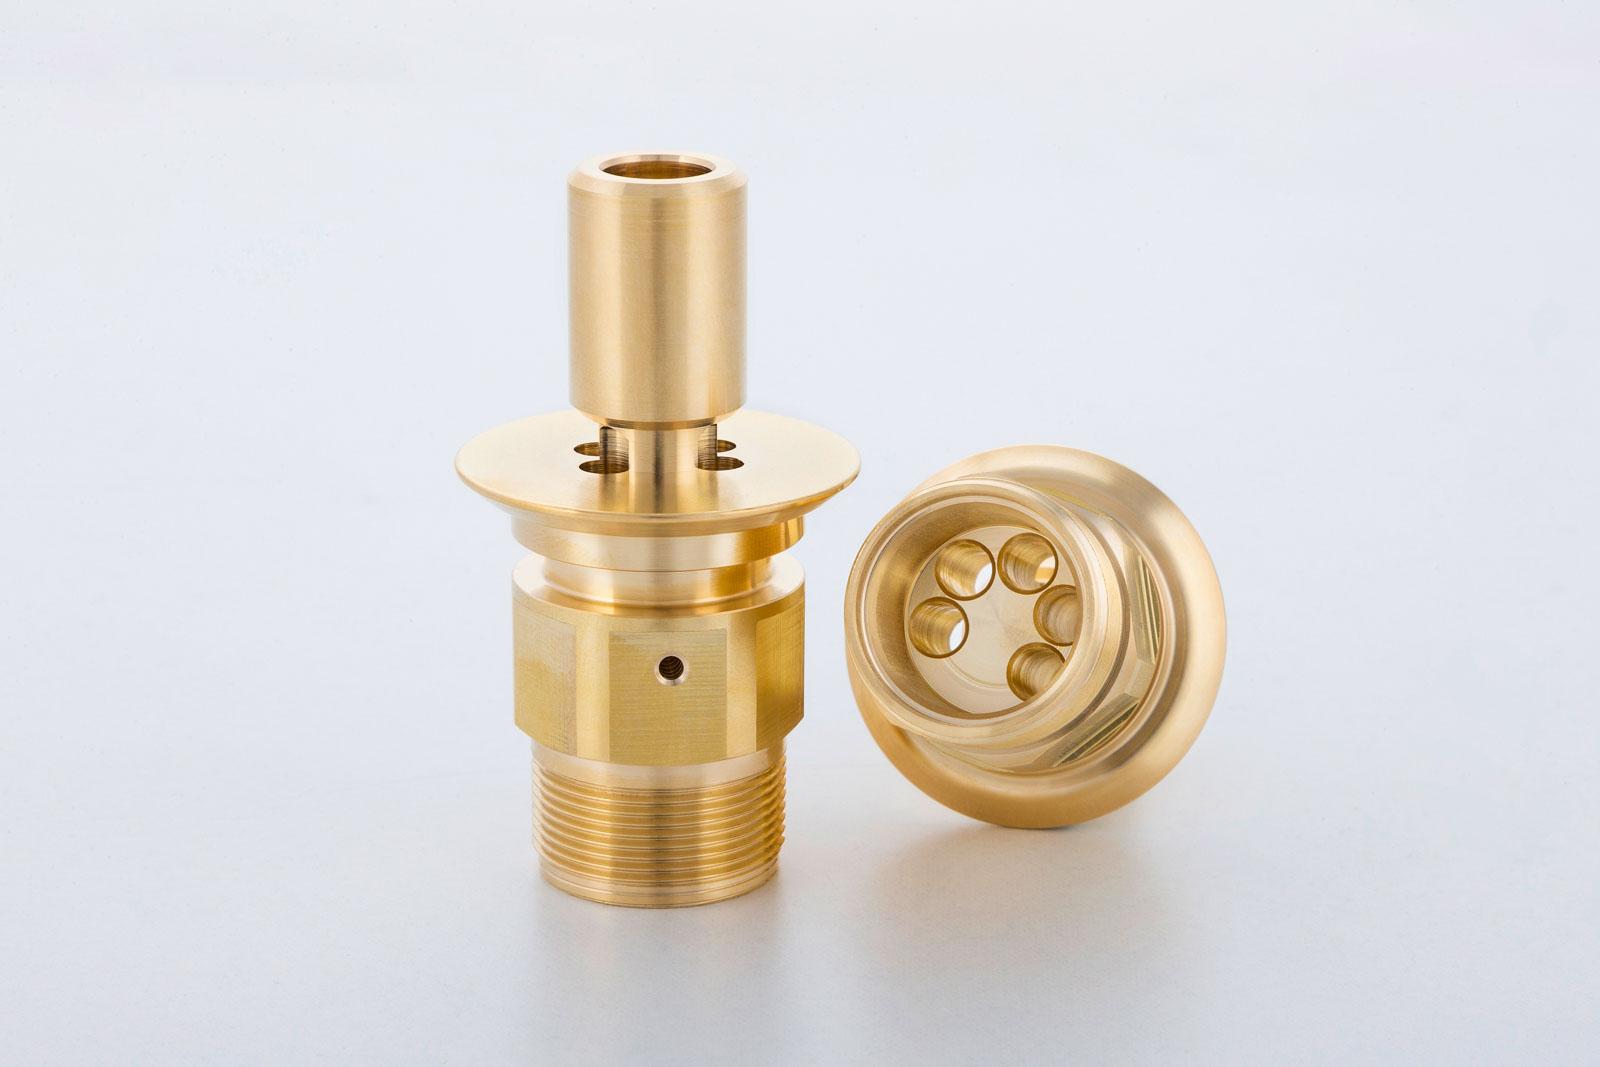 Armaturenteile produziert durch METUSAN TURNING GmbH